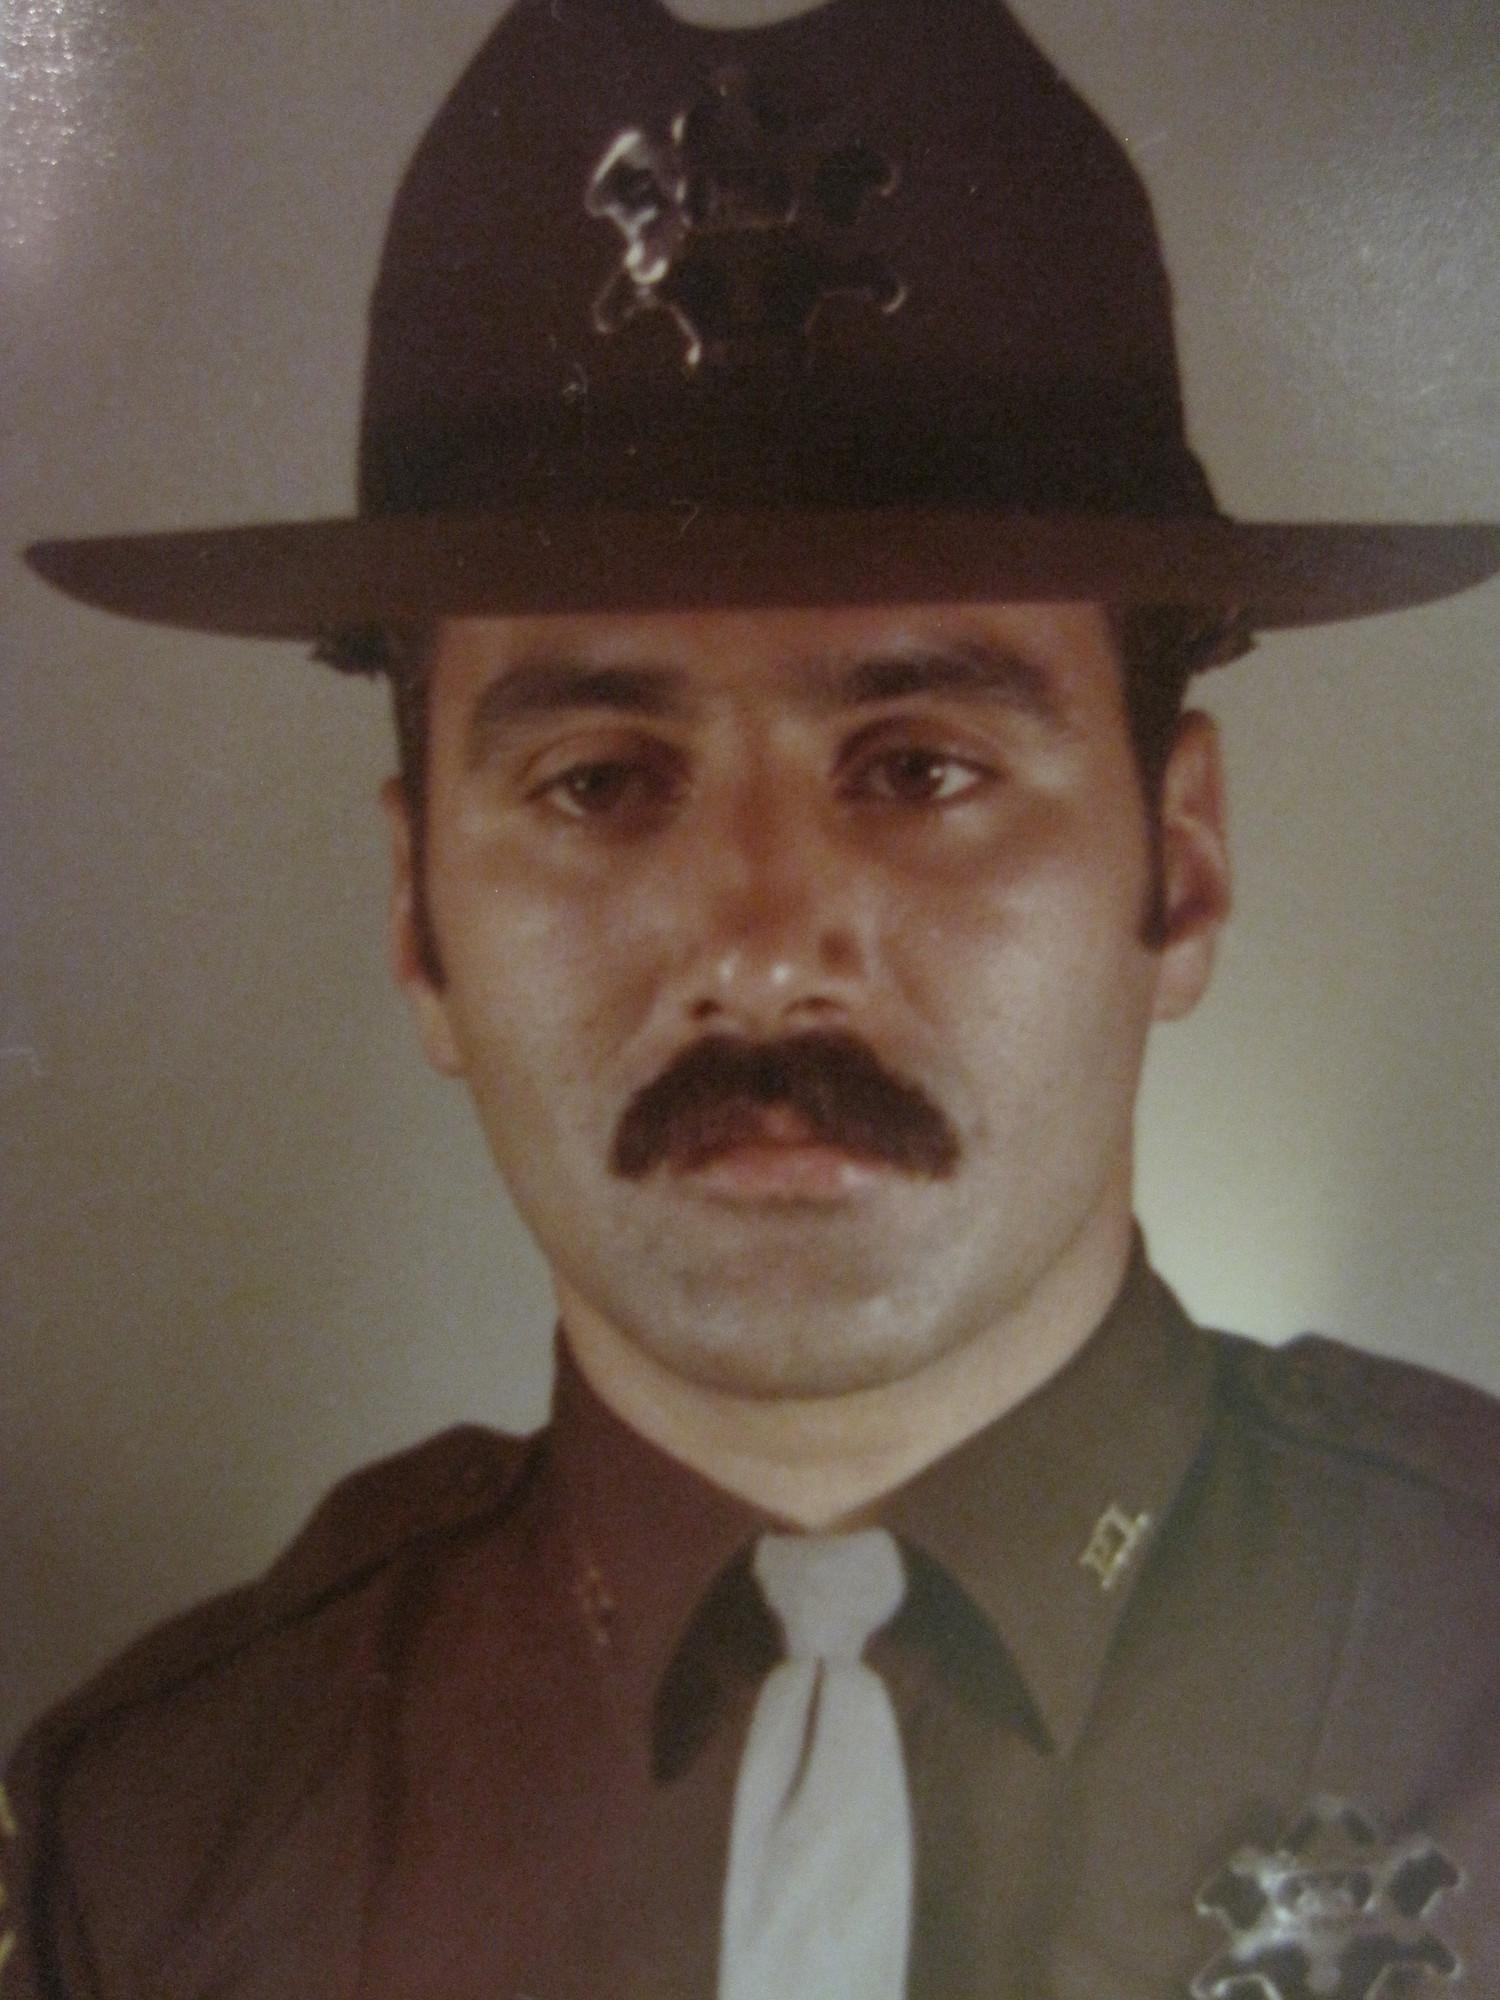 Officer Bob Ankony